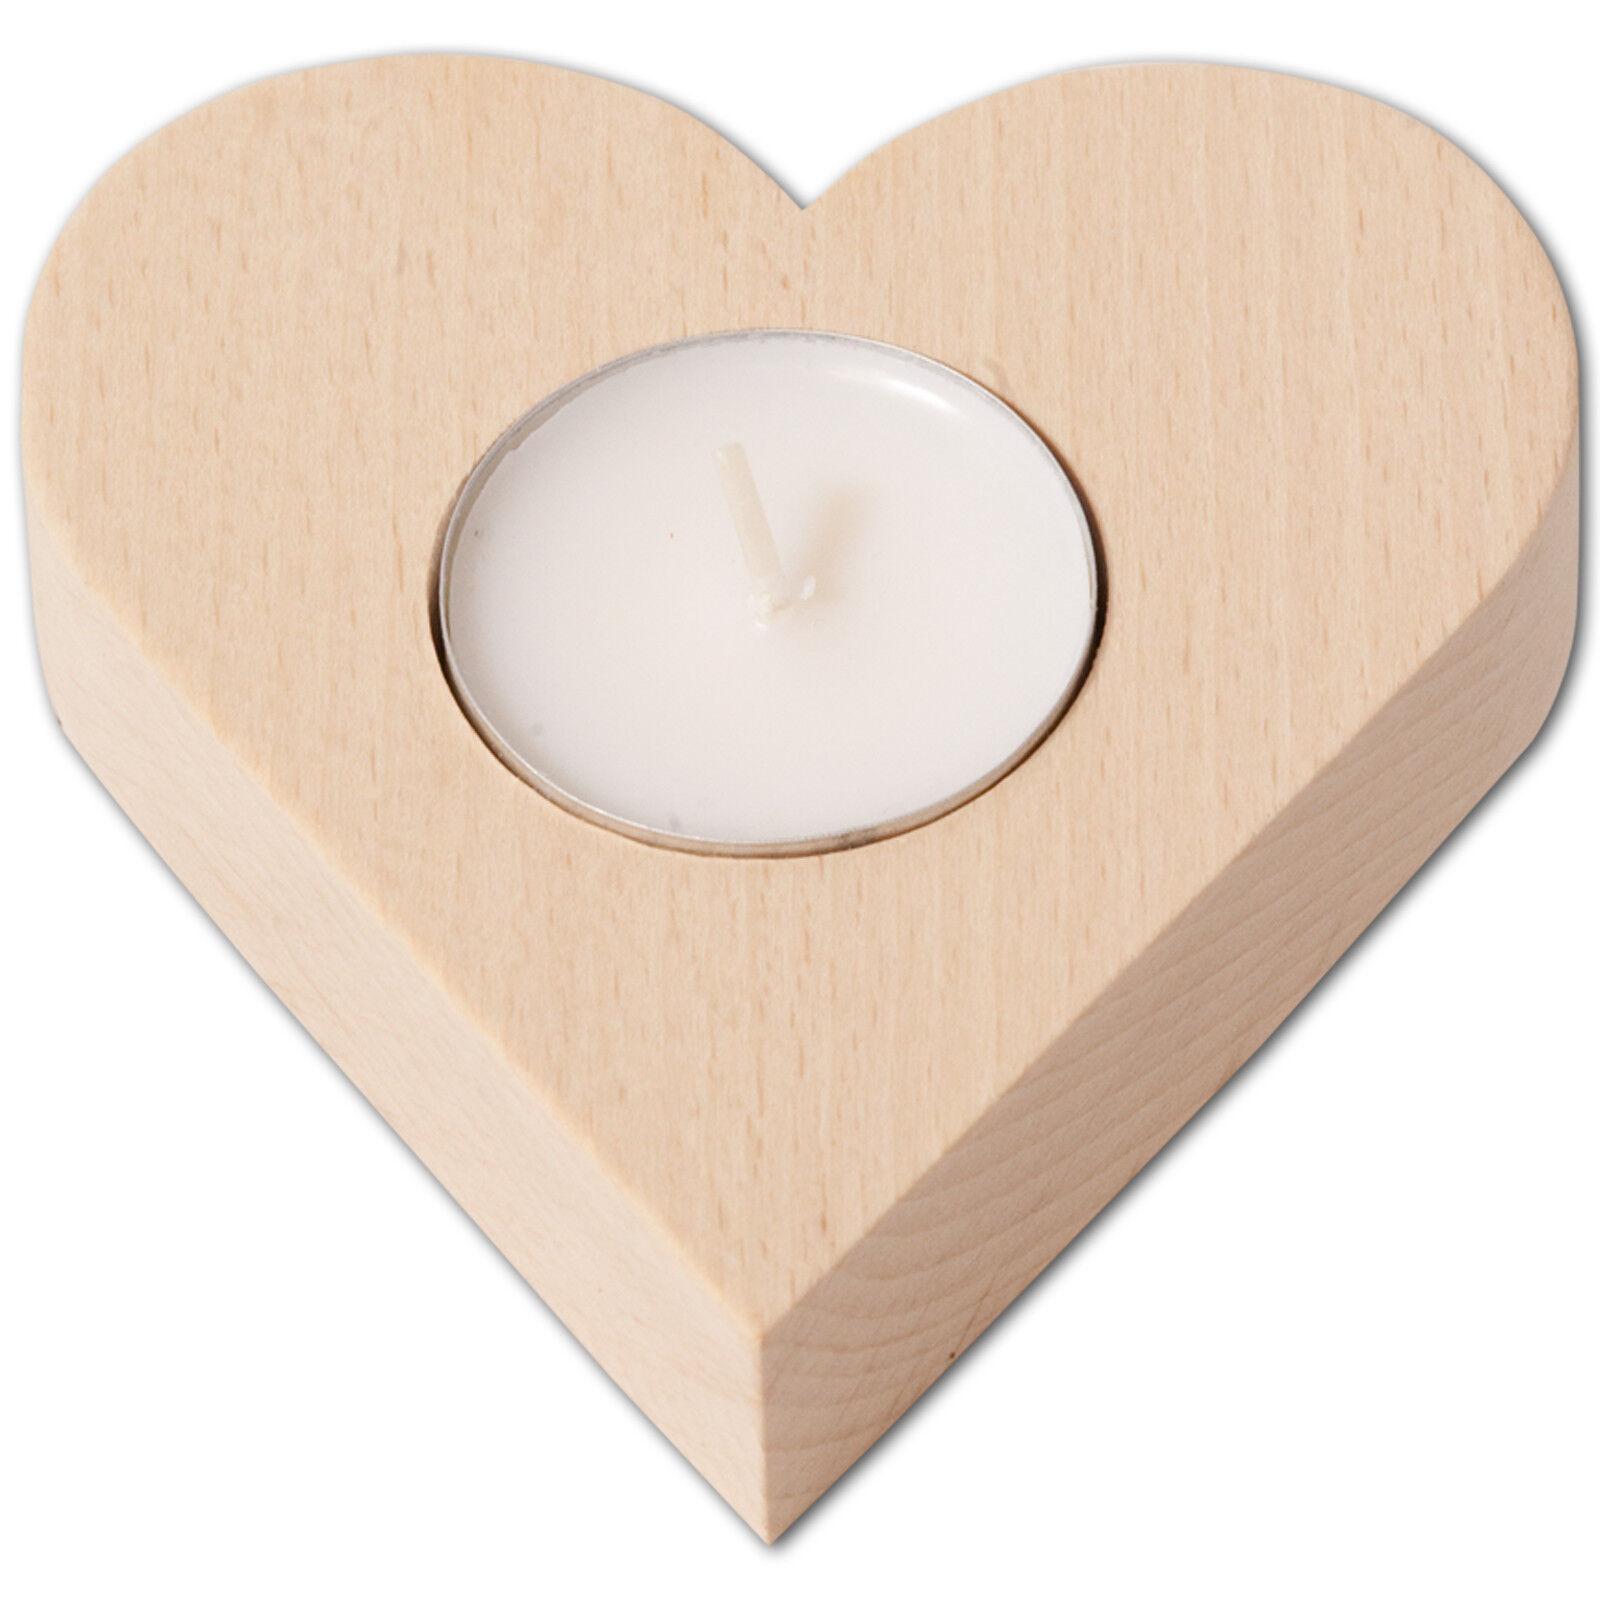 Teelichthalter Kerzenständer Kerzenhalter herzform - 10 x 9 cm Buche - ab